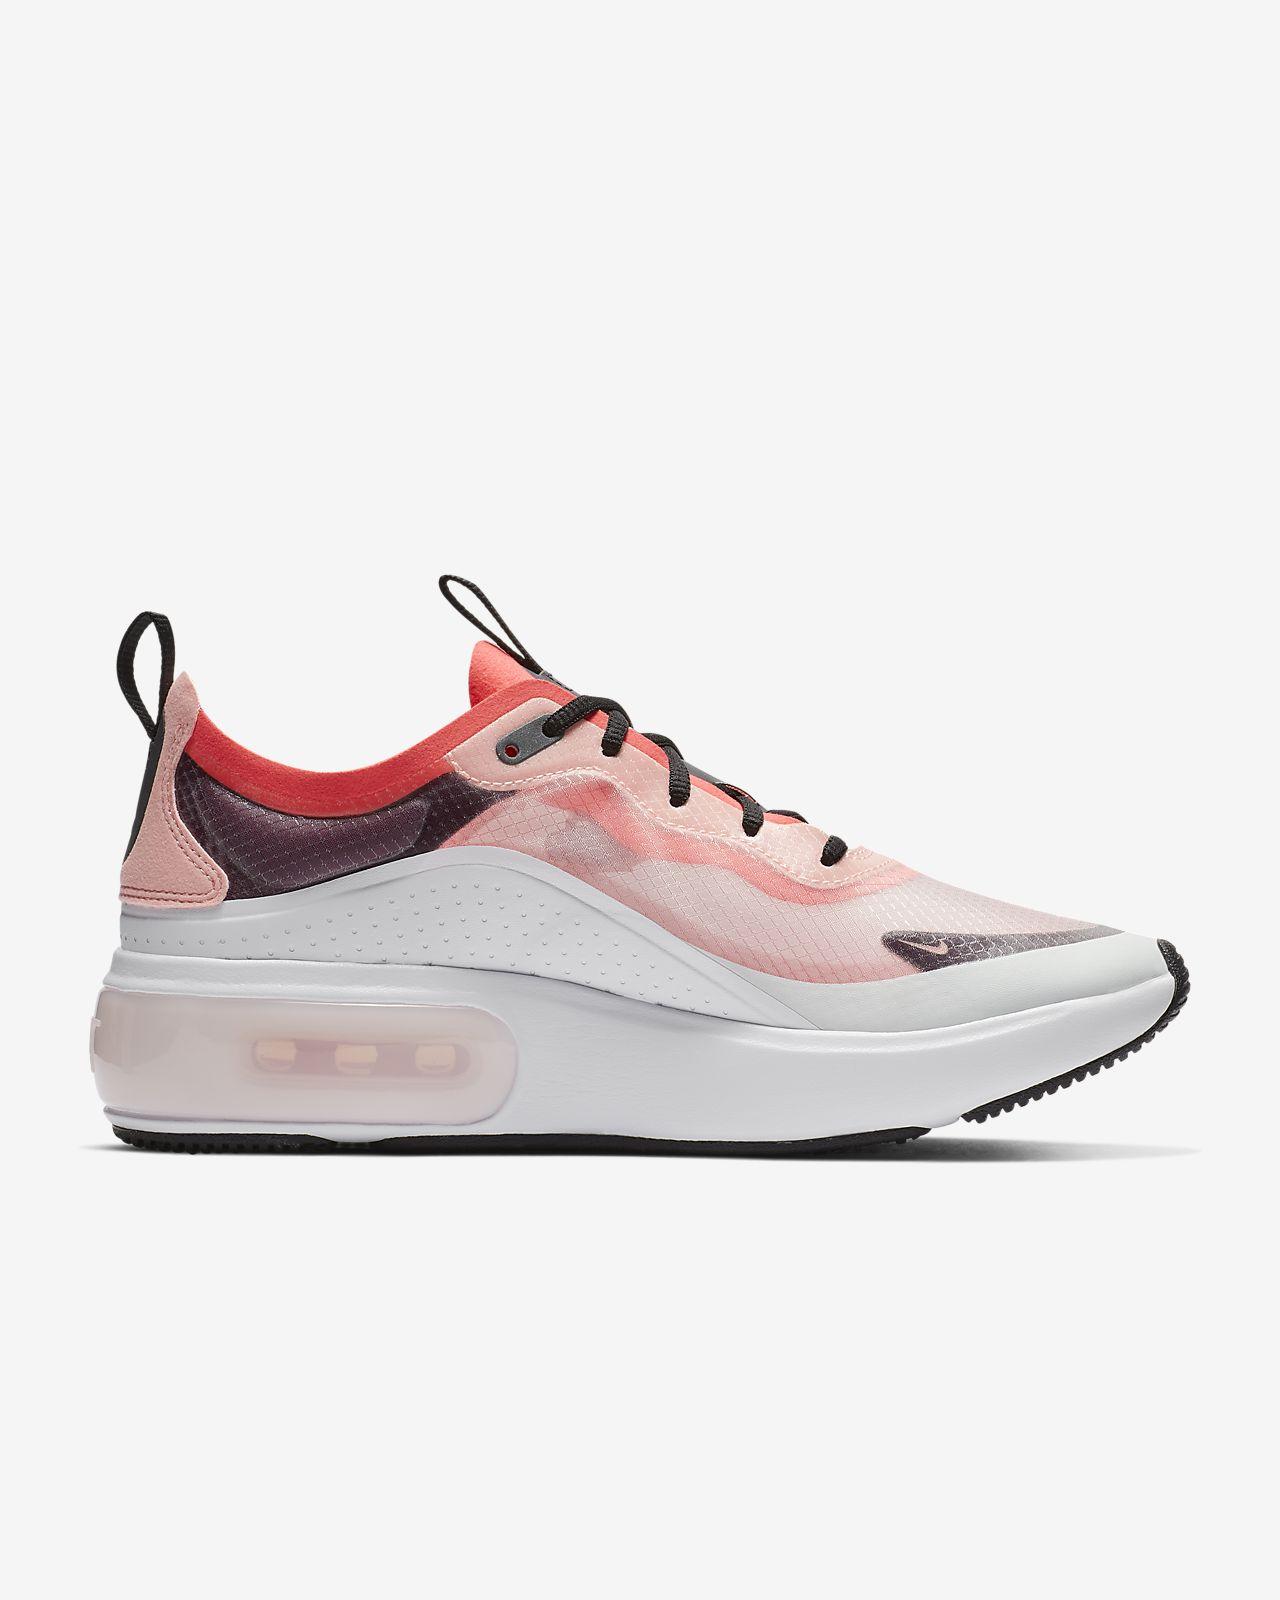 reputable site 0a853 05524 ... Buty damskie Nike Air Max Dia SE QS